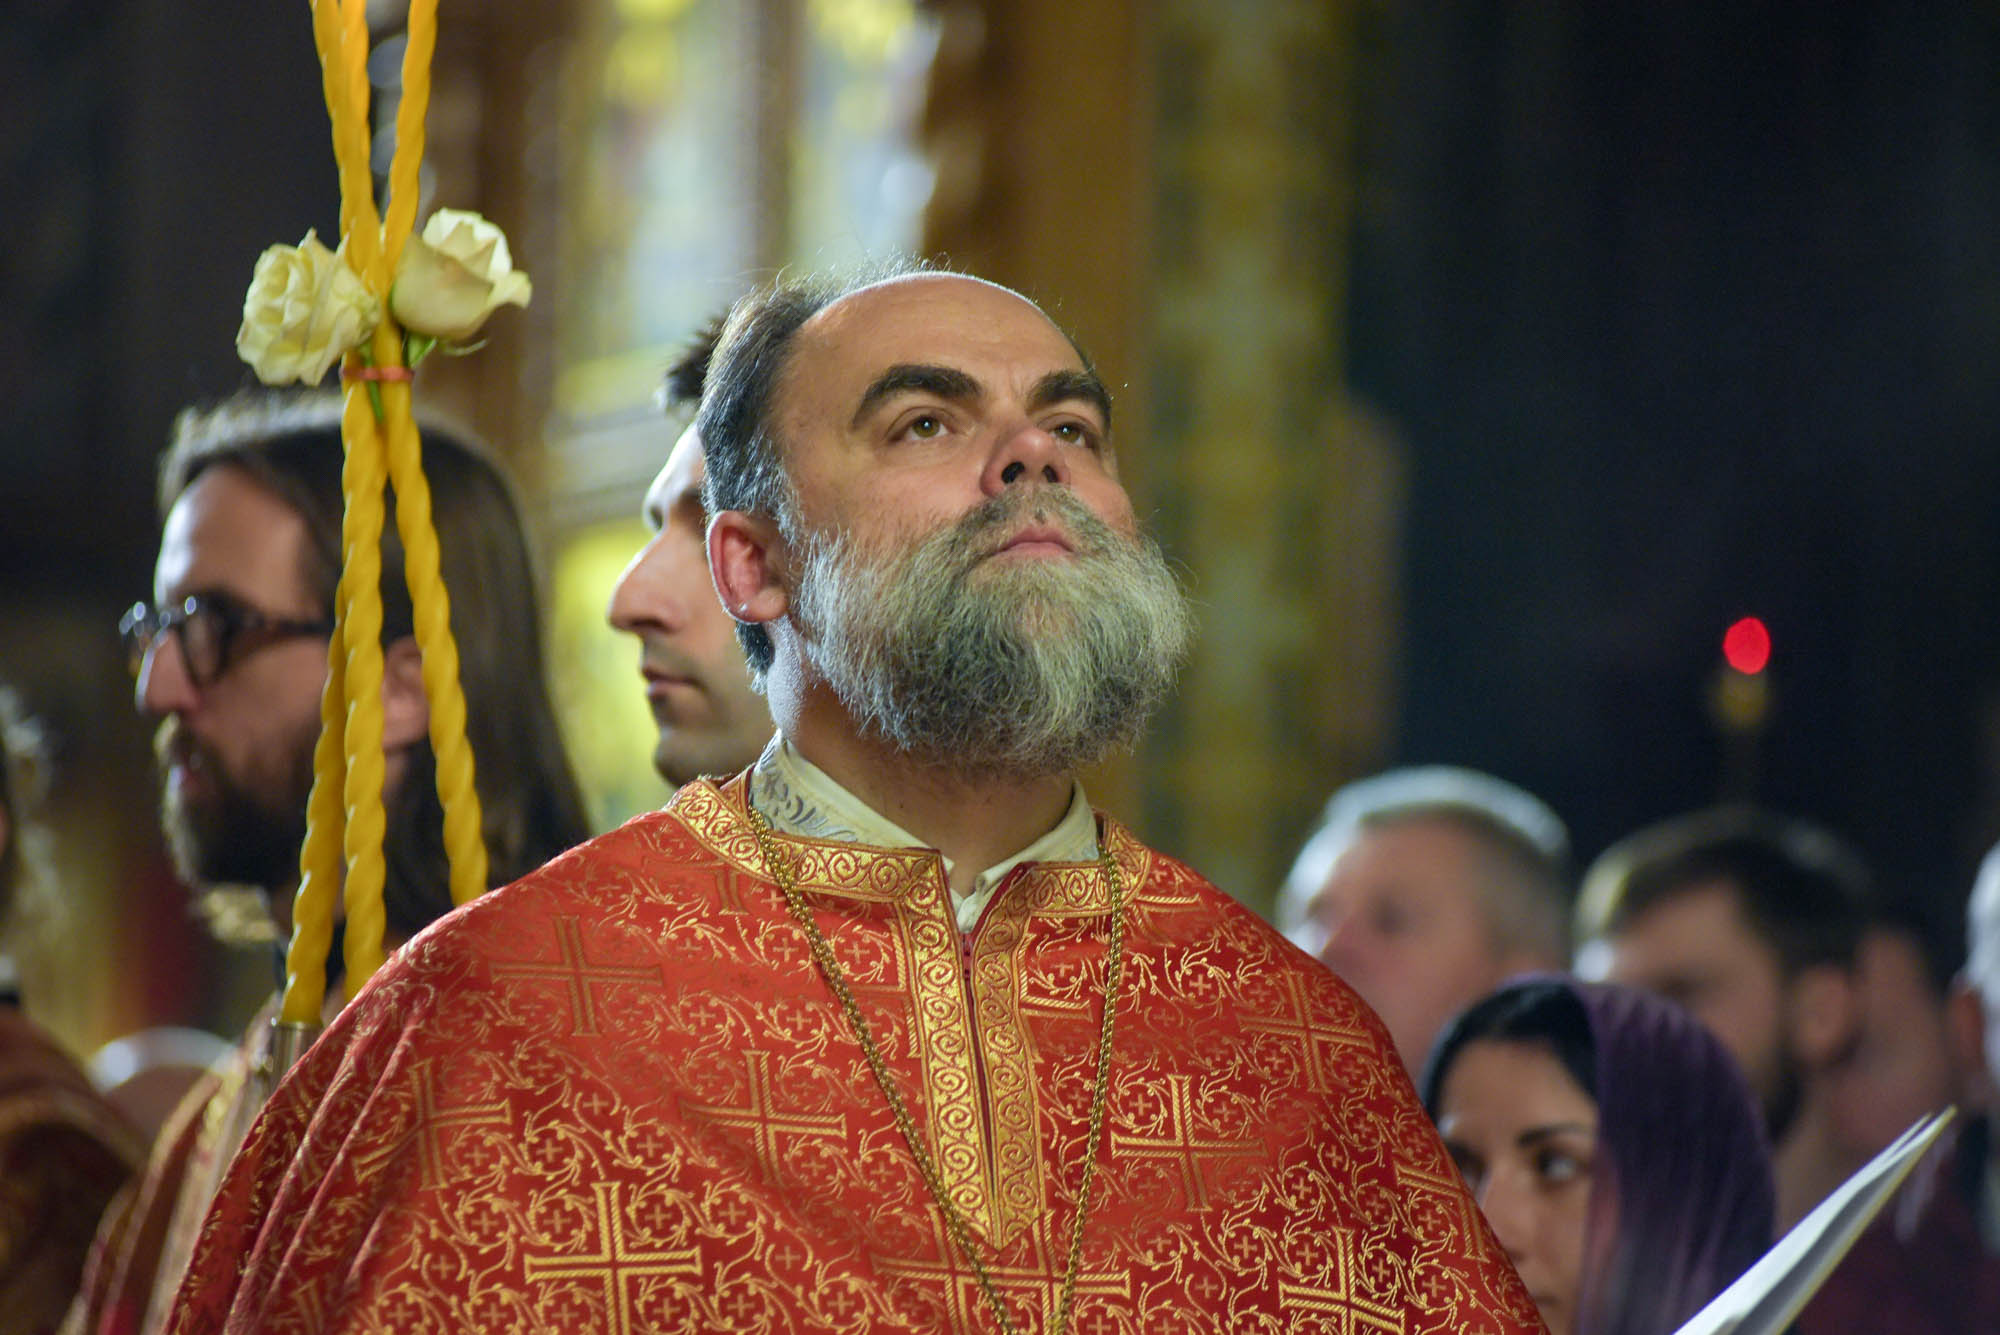 Orthodox photography Sergey Ryzhkov 9516